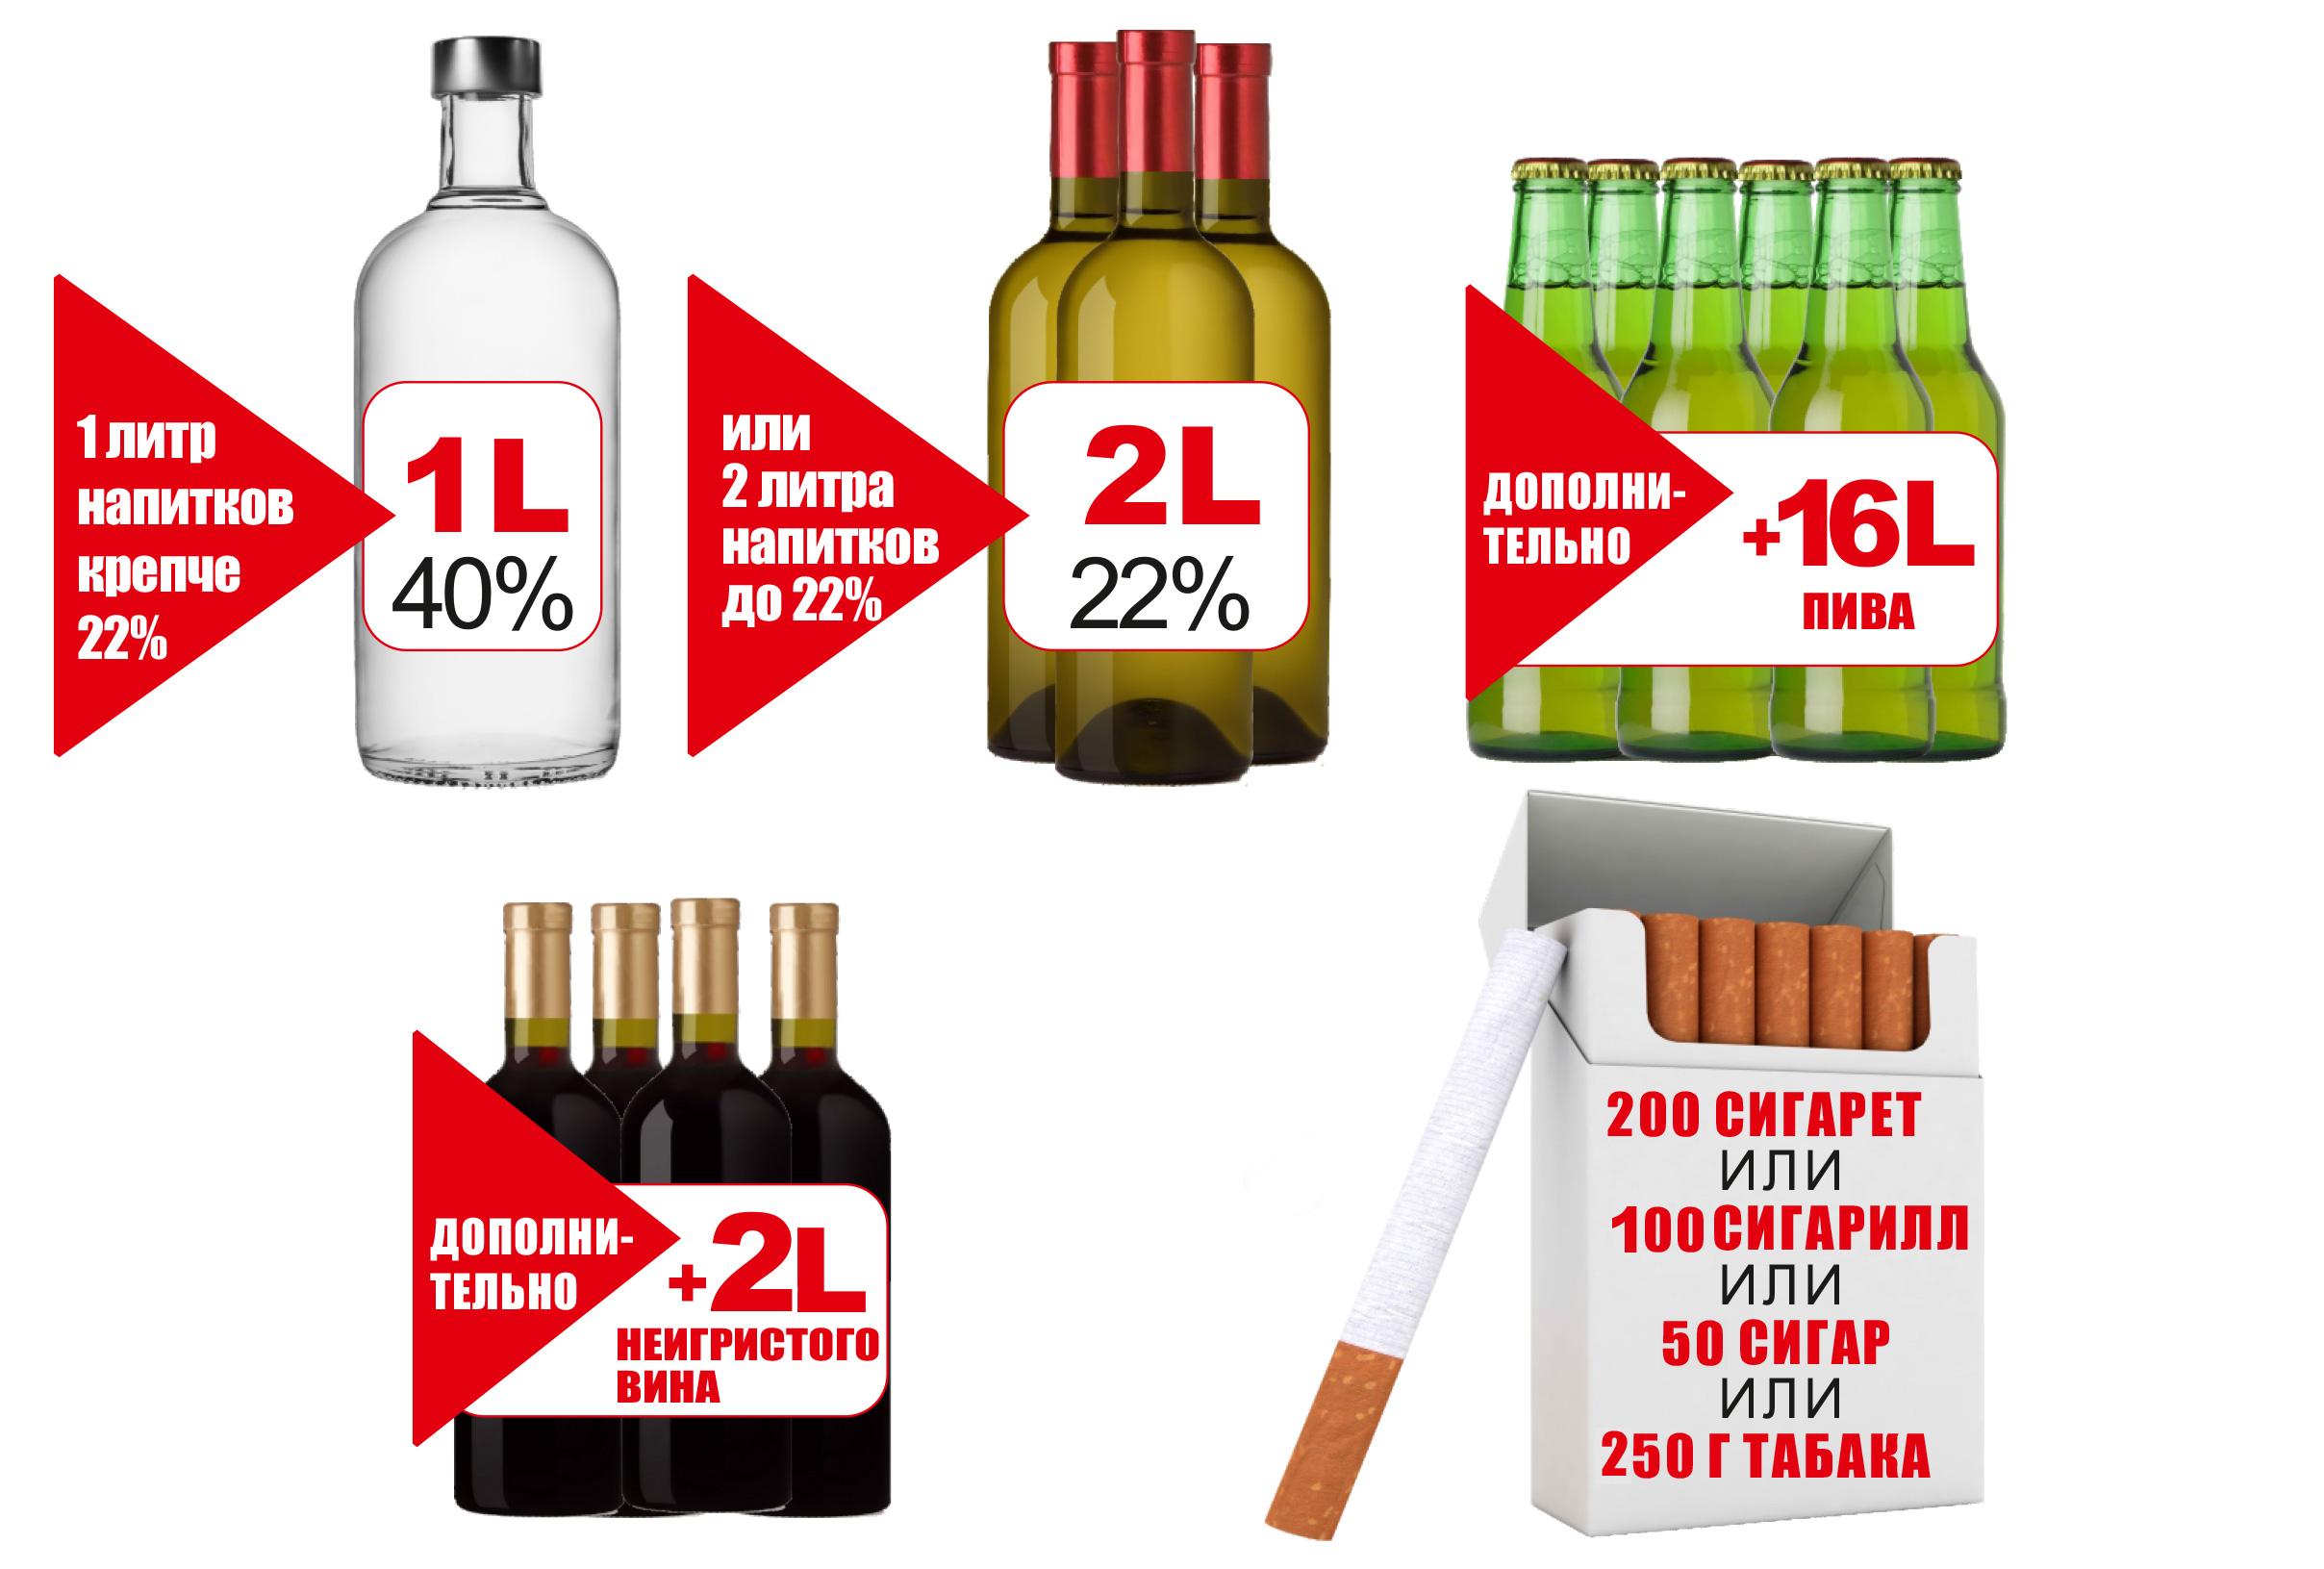 Ввоз в финляндию алкоголя